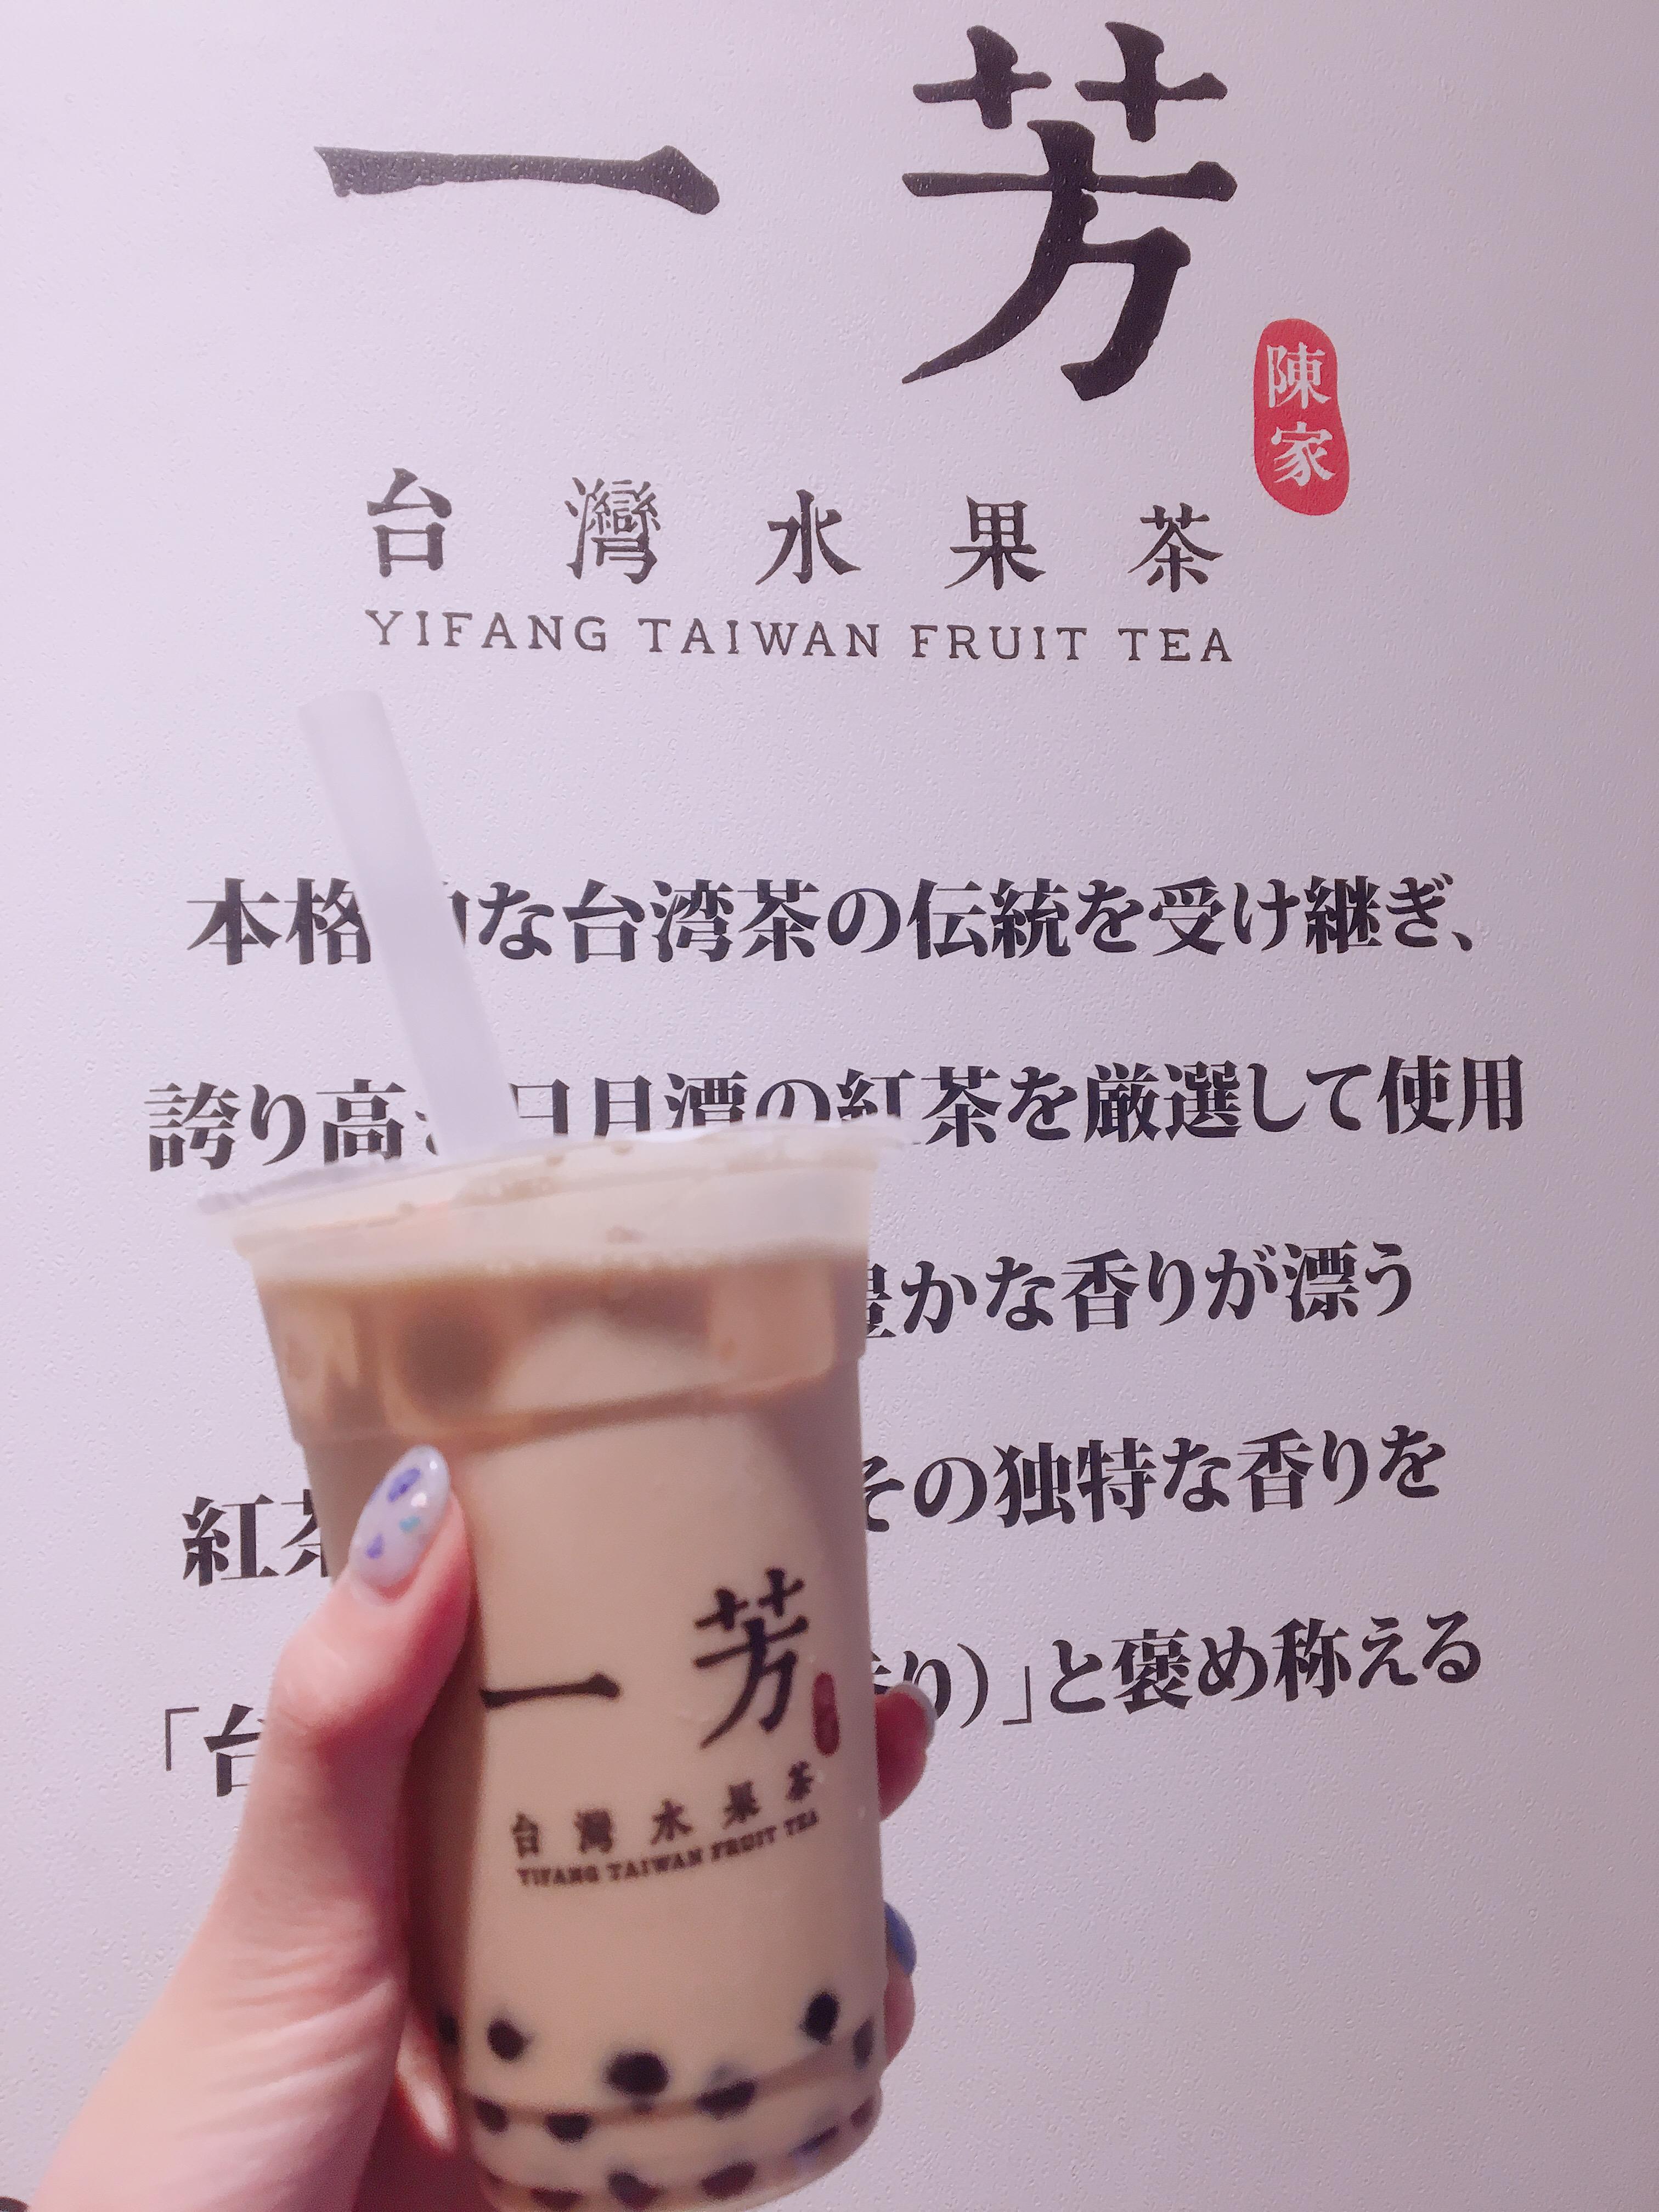 【モアハピ部】No.543ちゃんあいです!12期もよろしくお願いします♡_2